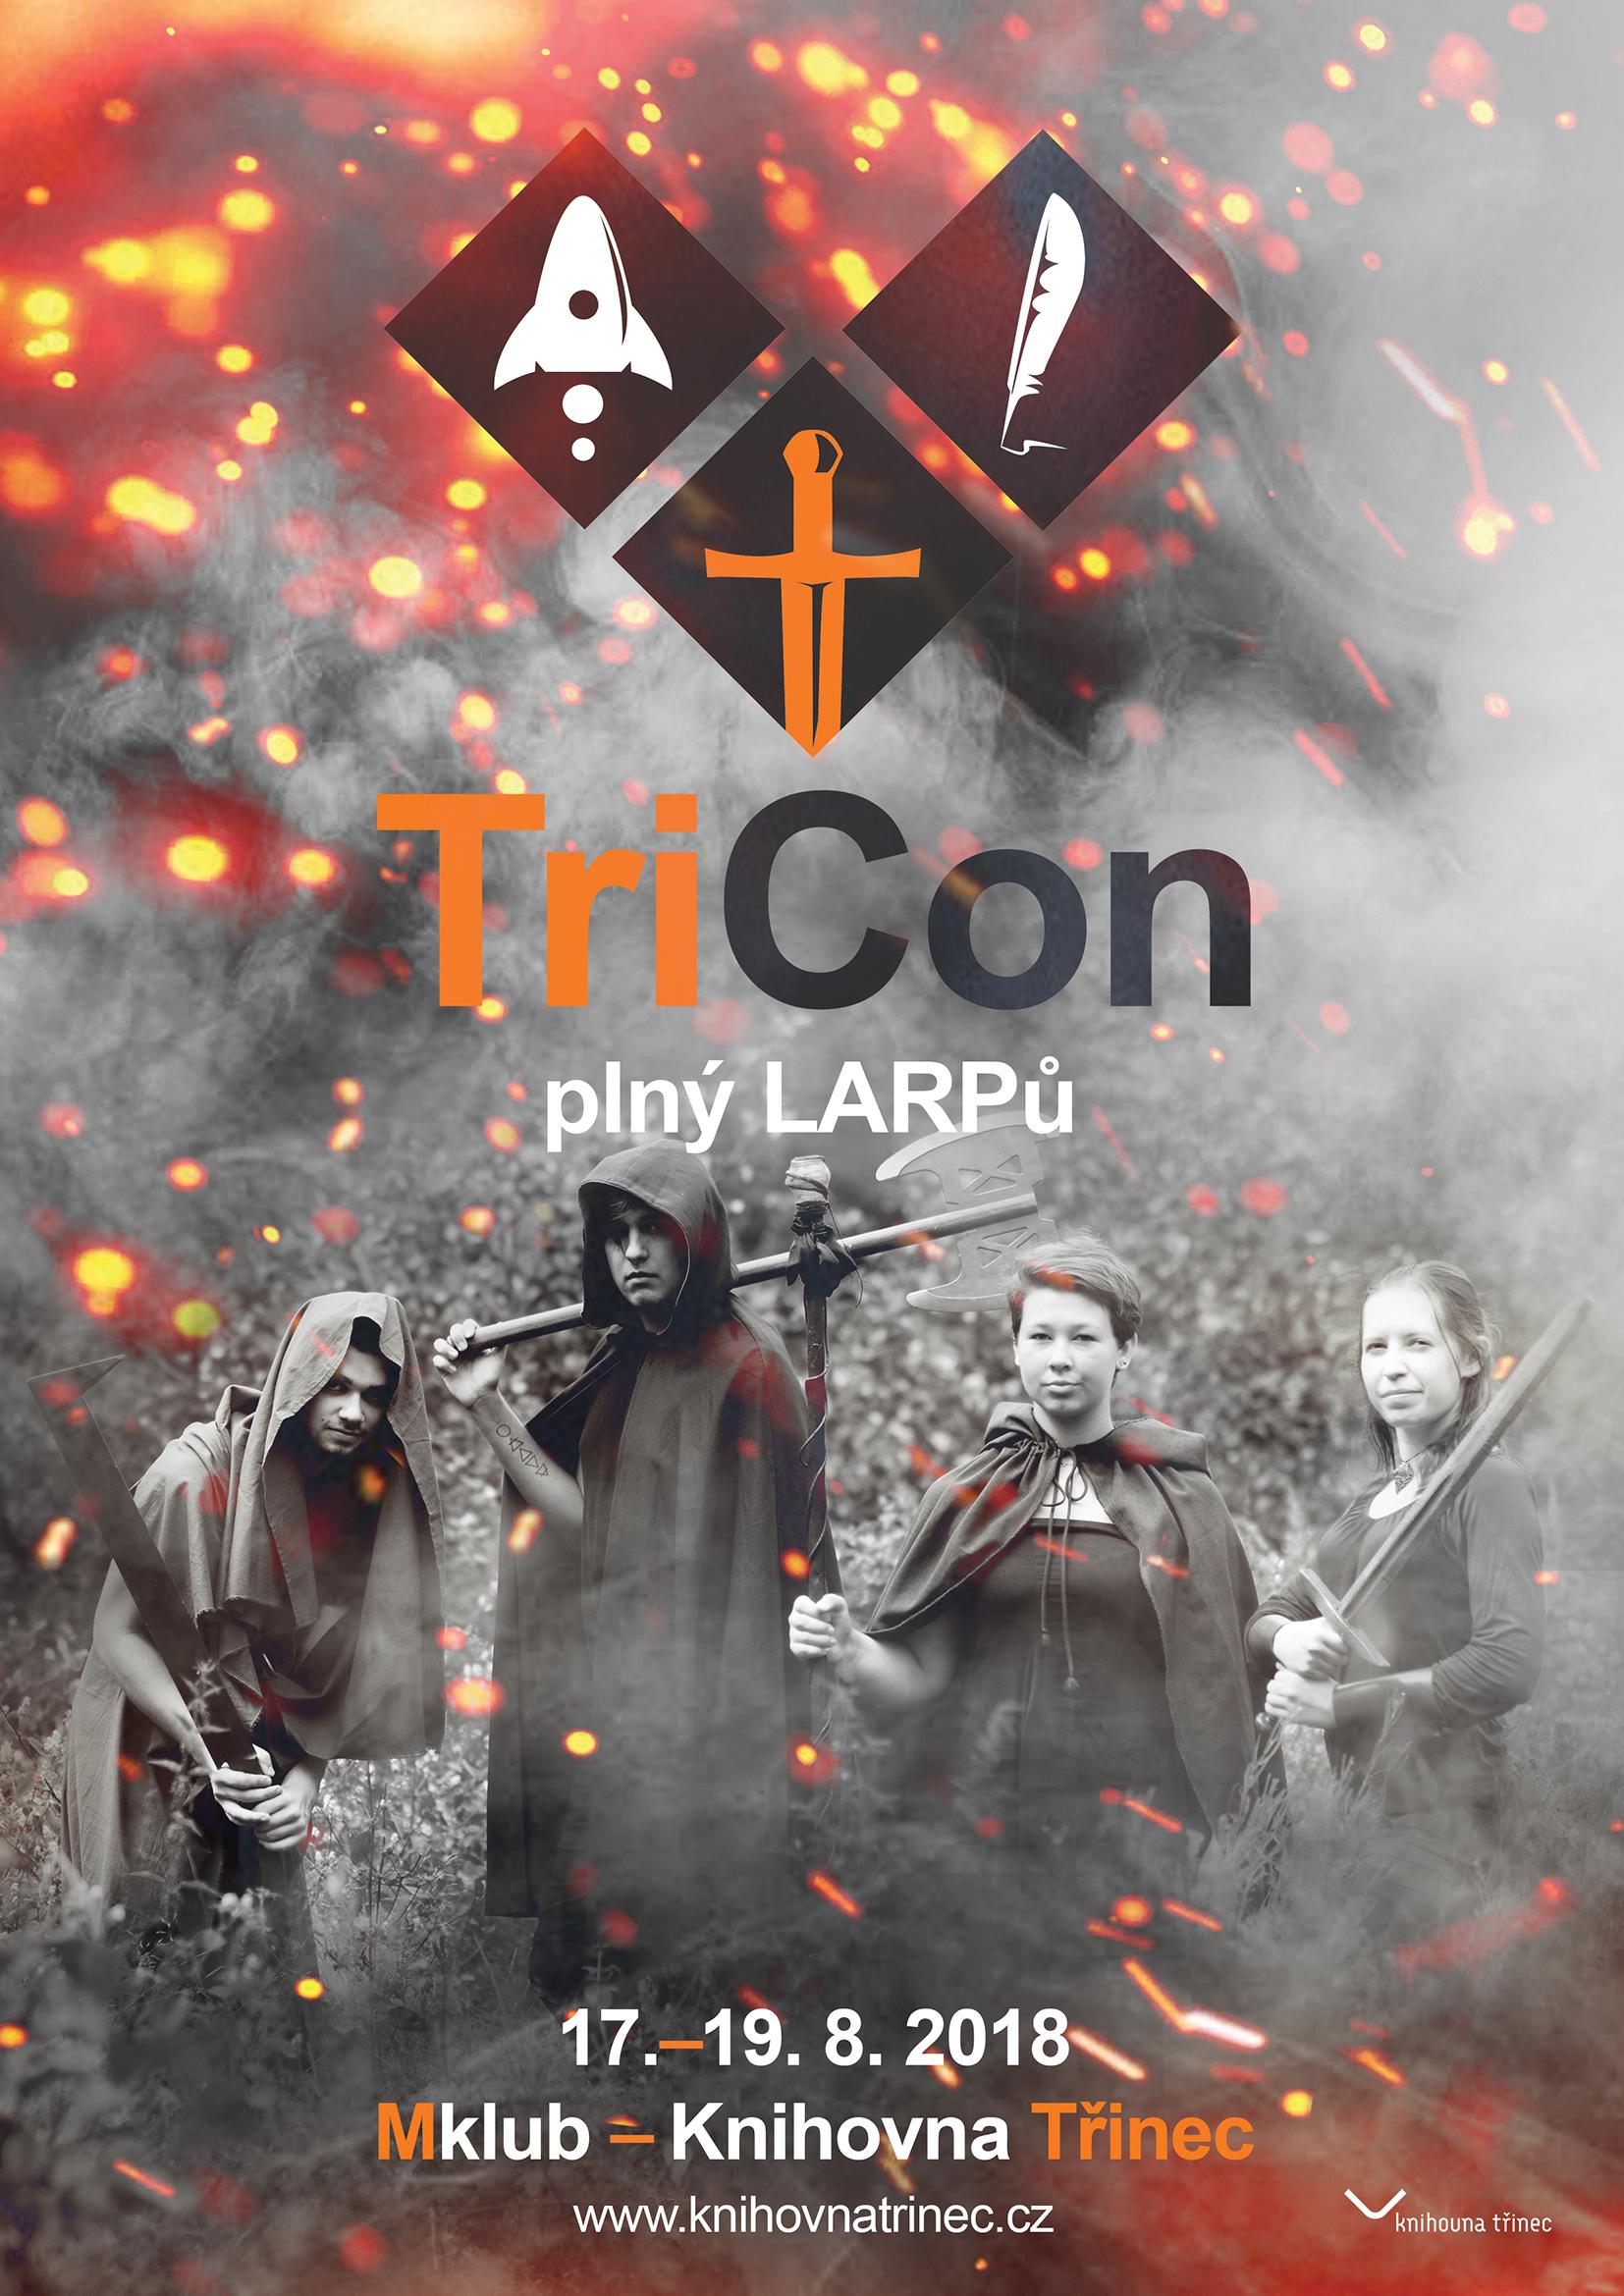 LARP TriCon 2018 WEB